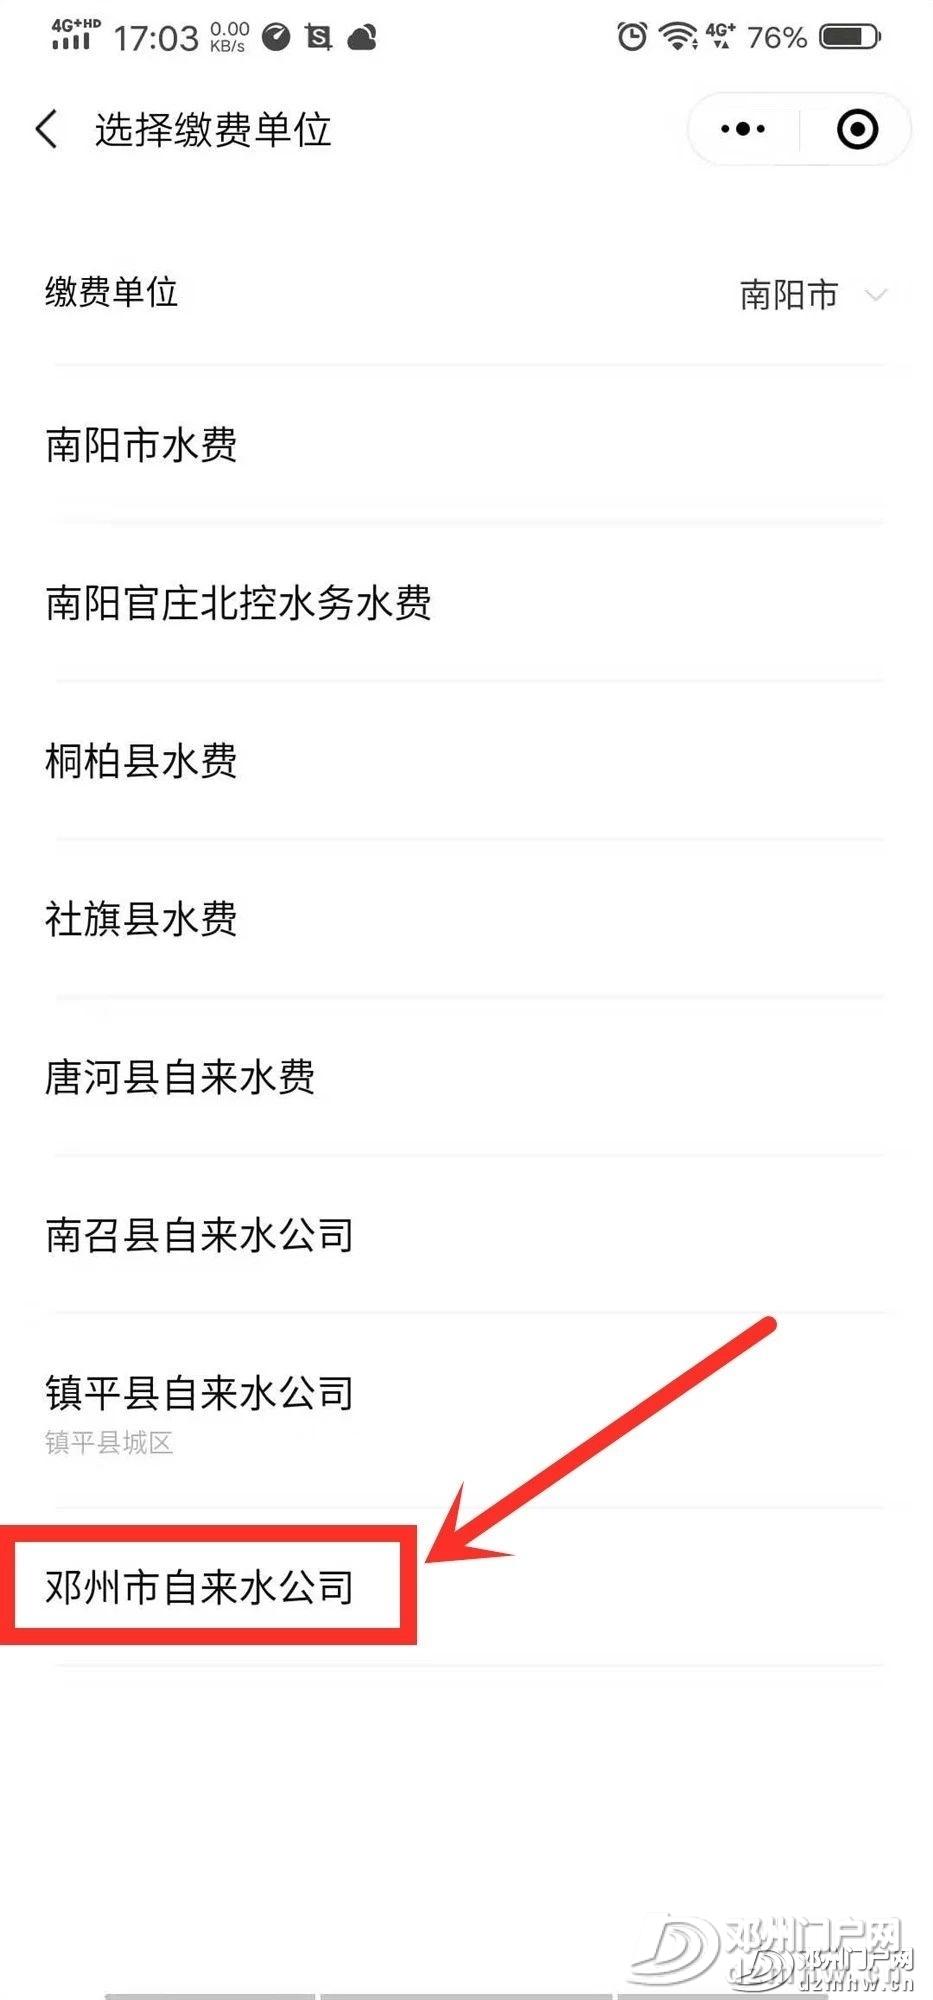 邓州市自来水公司开通微信生活缴费入口,以后更方便了 - 邓州门户网 邓州网 - be8b3971ec66d3e3198db0f6c01bee33.jpg